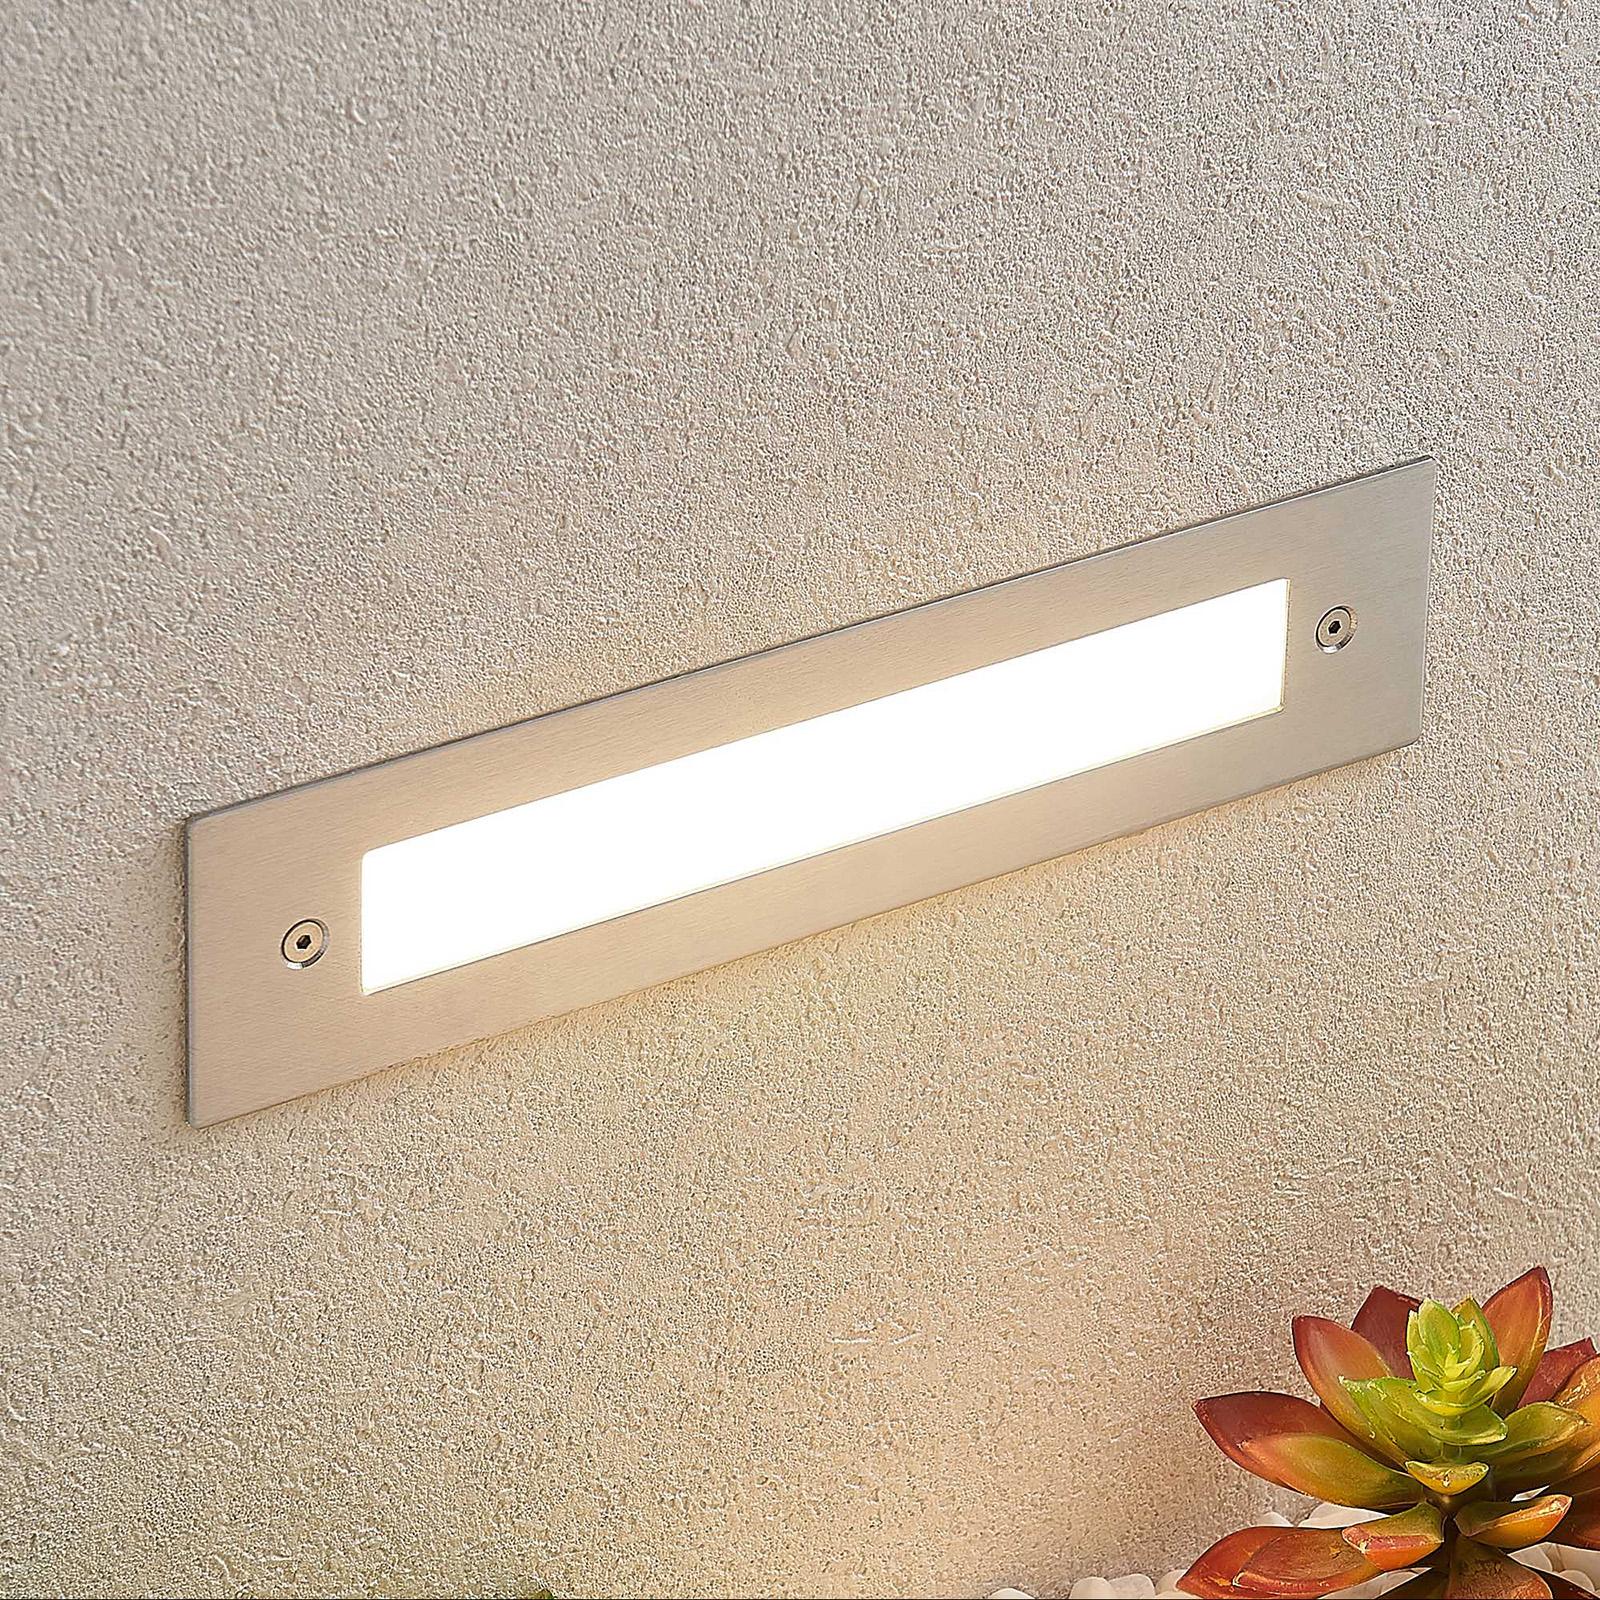 LED innfelt vegglampe Roni i edelstål, 27 cm